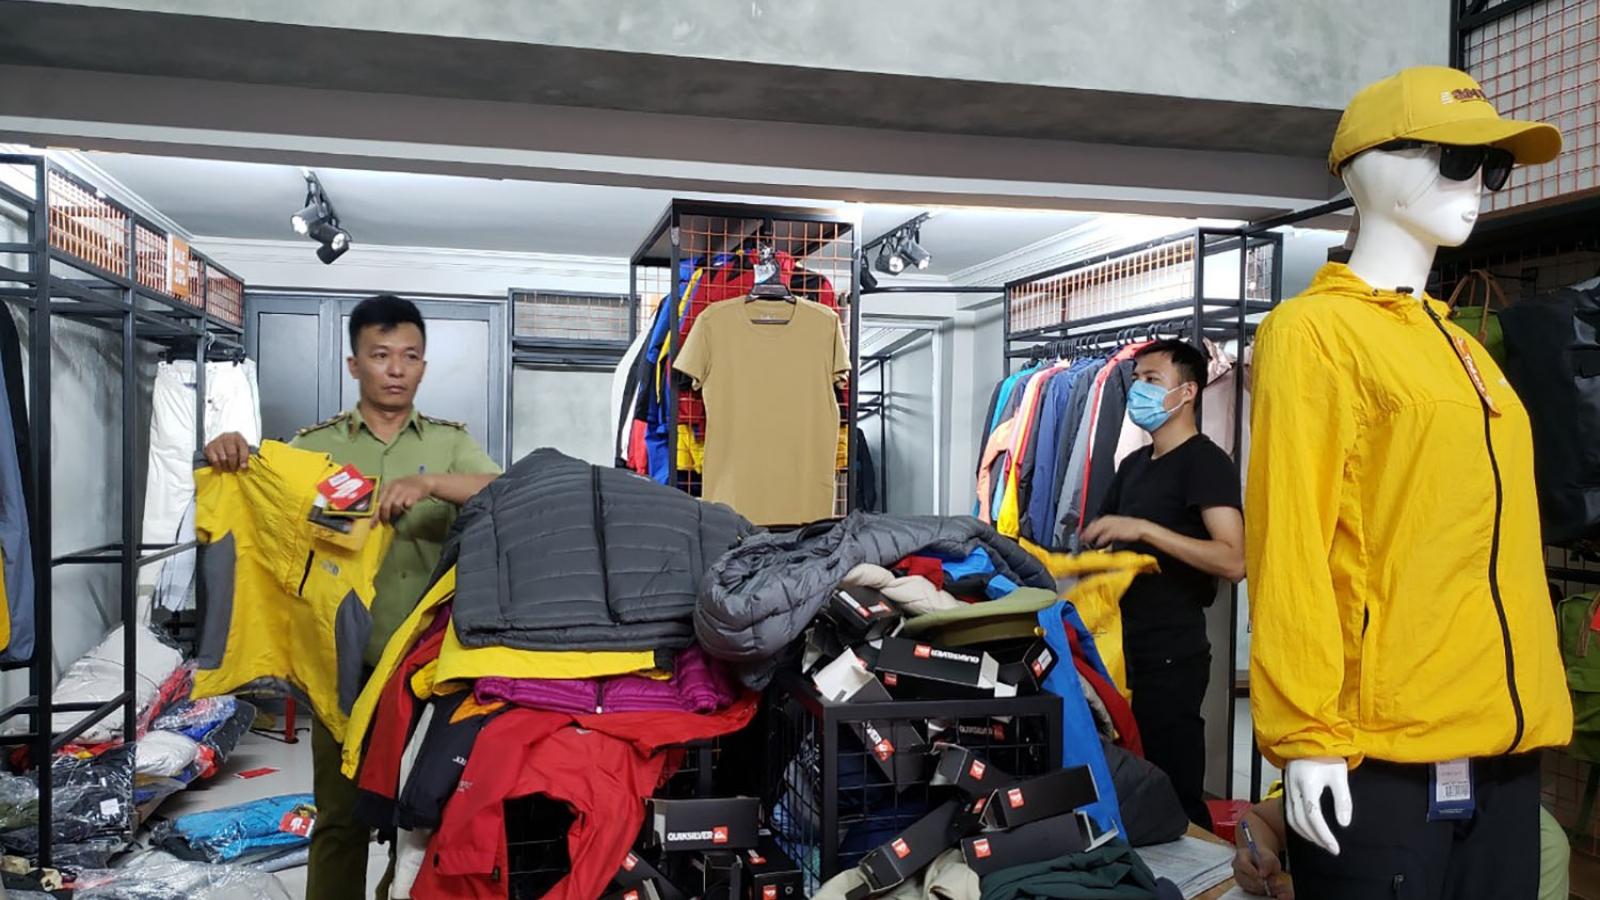 Tạm giữ hơn 2.000 sản phẩm hàng hóa nghi giả mạo nhãn hiệu tại Đà Nẵng